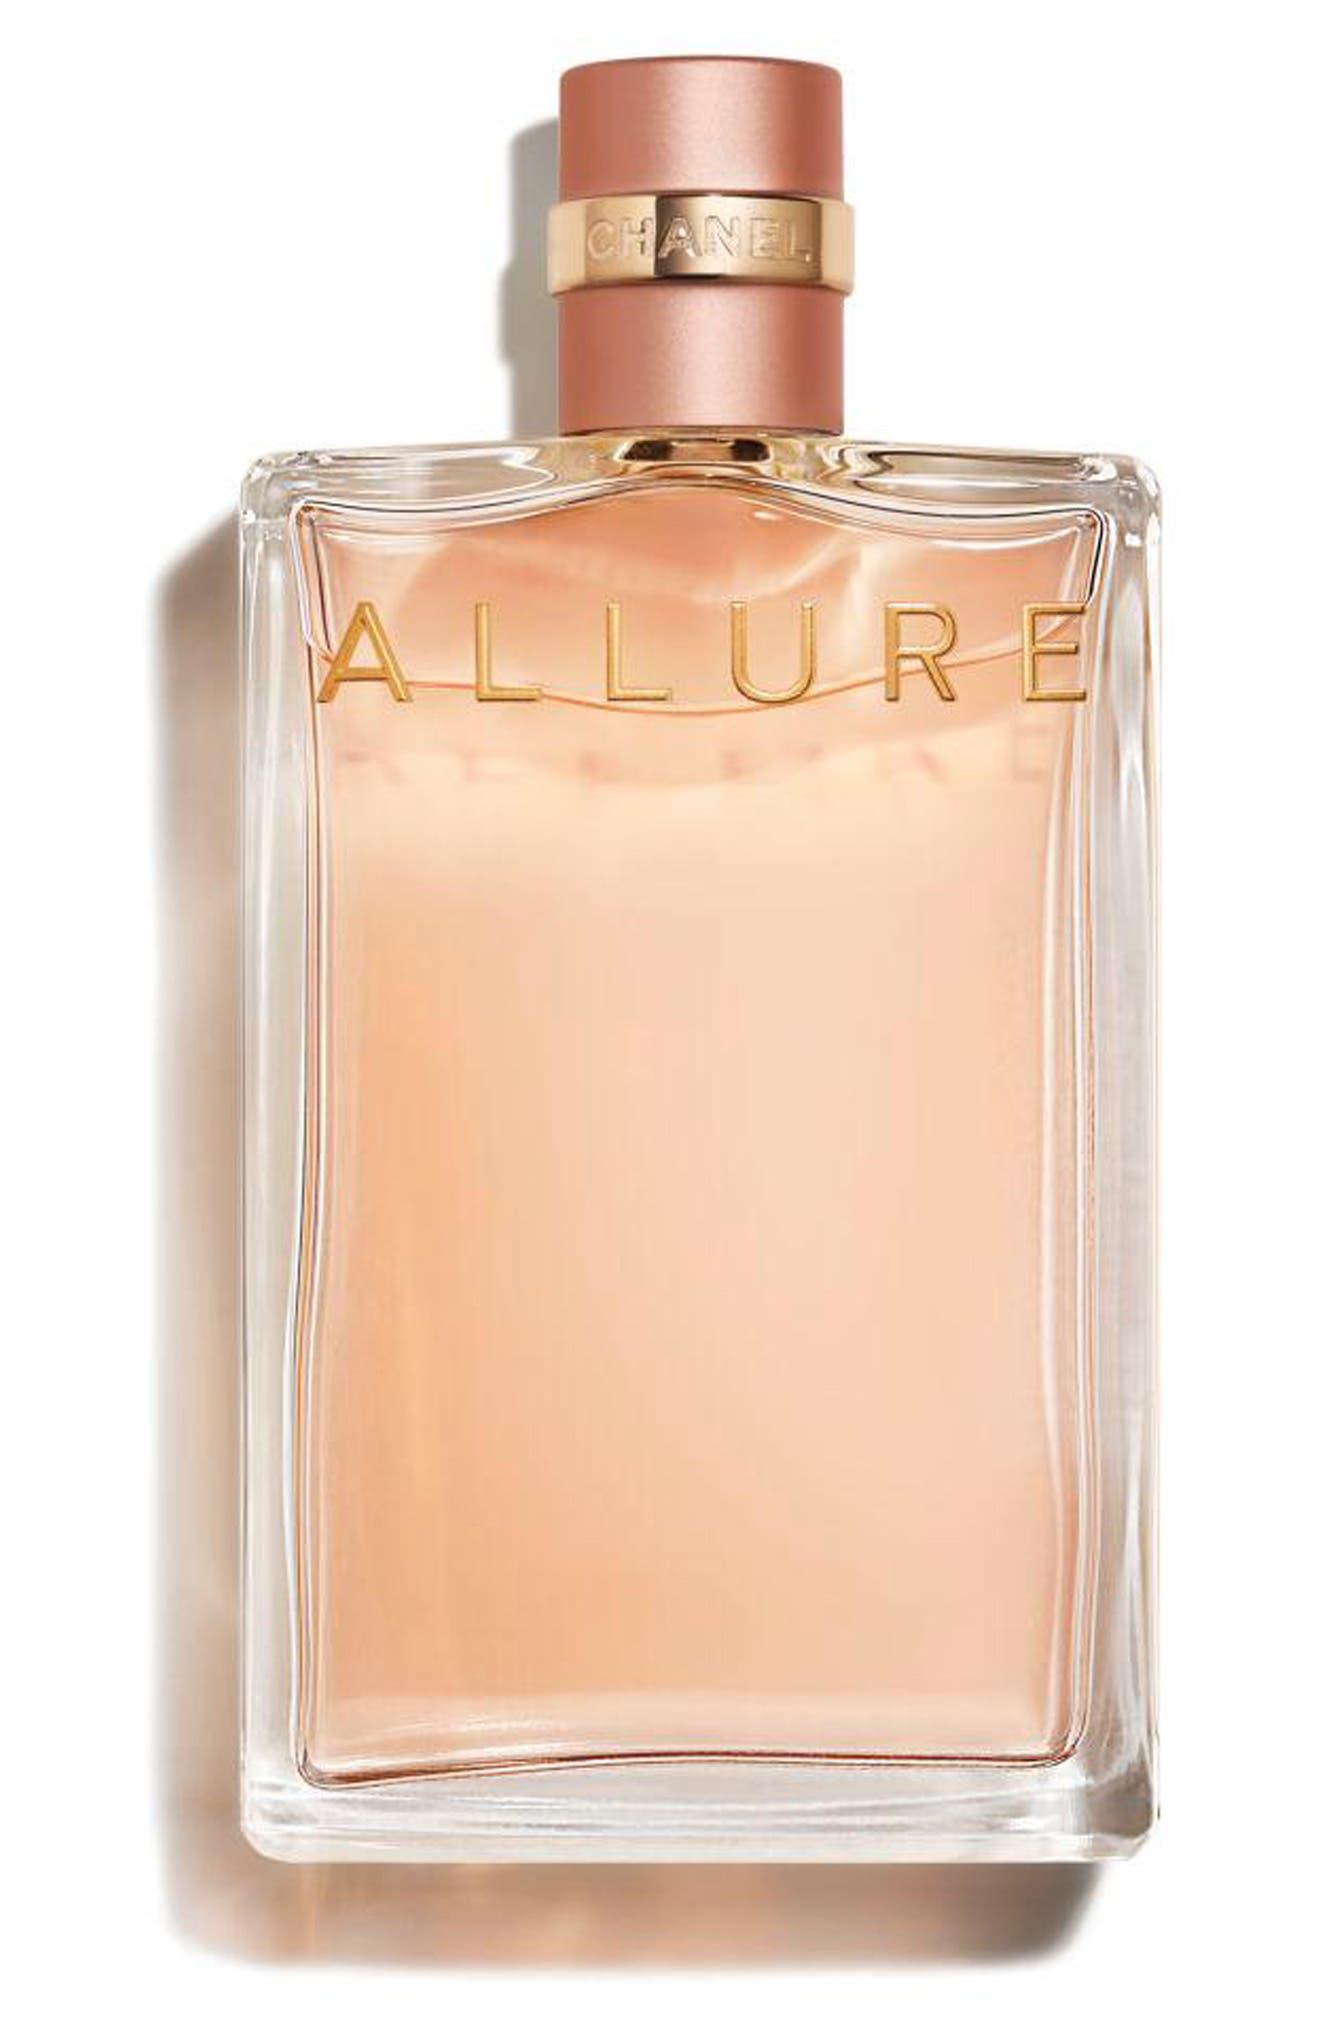 CHANEL ALLURE  Eau de Parfum Spray | Nordstrom